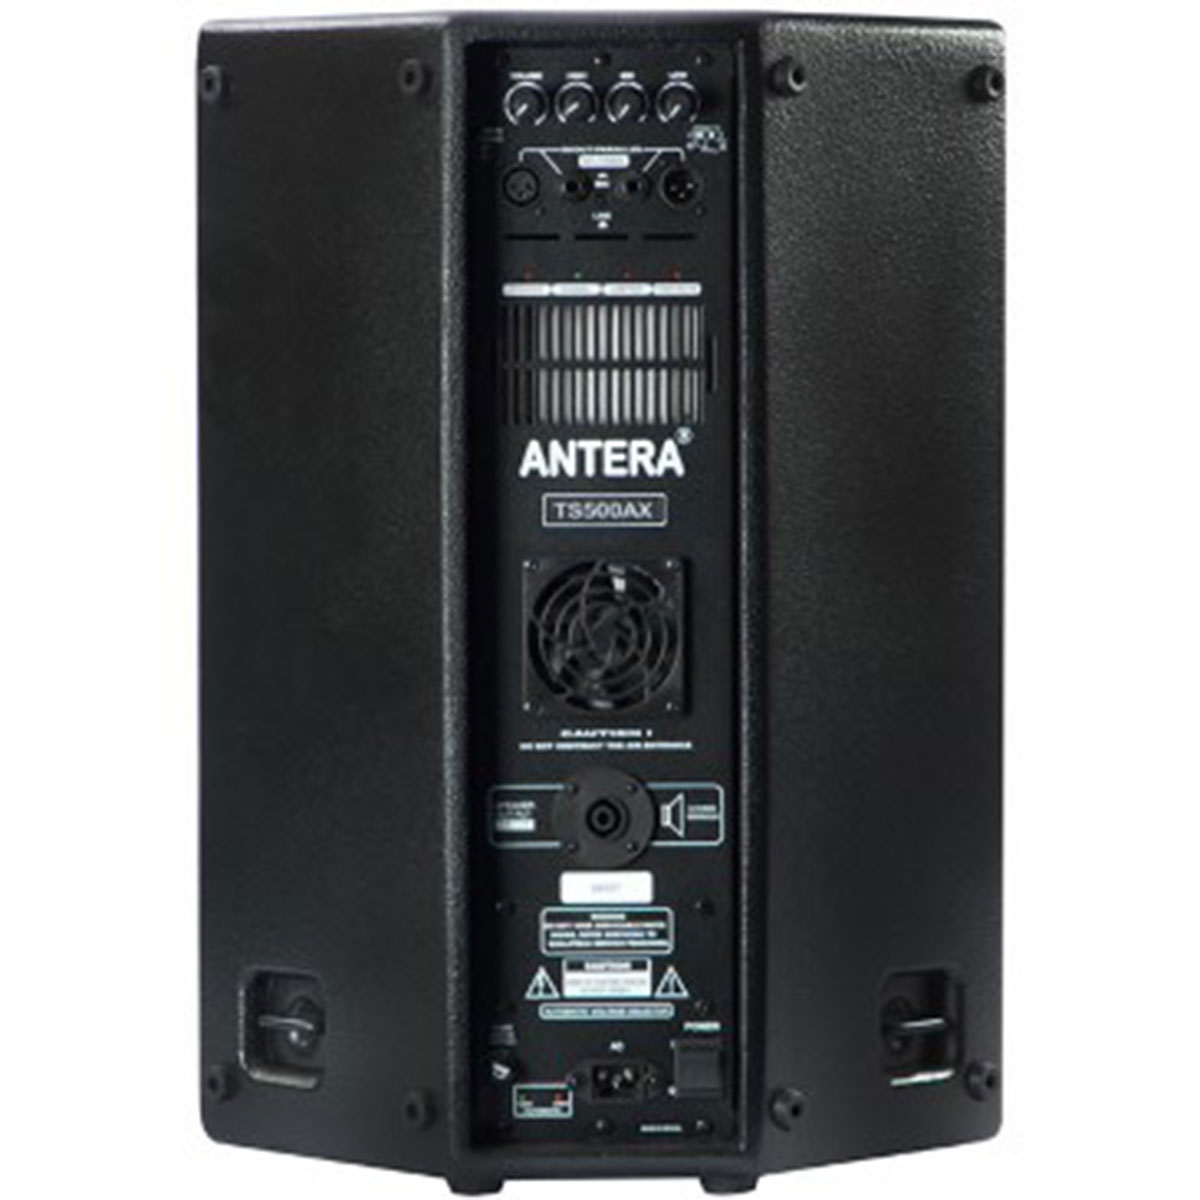 Caixa Ativa Fal 12 Pol 250W - TS 500 AX Antera